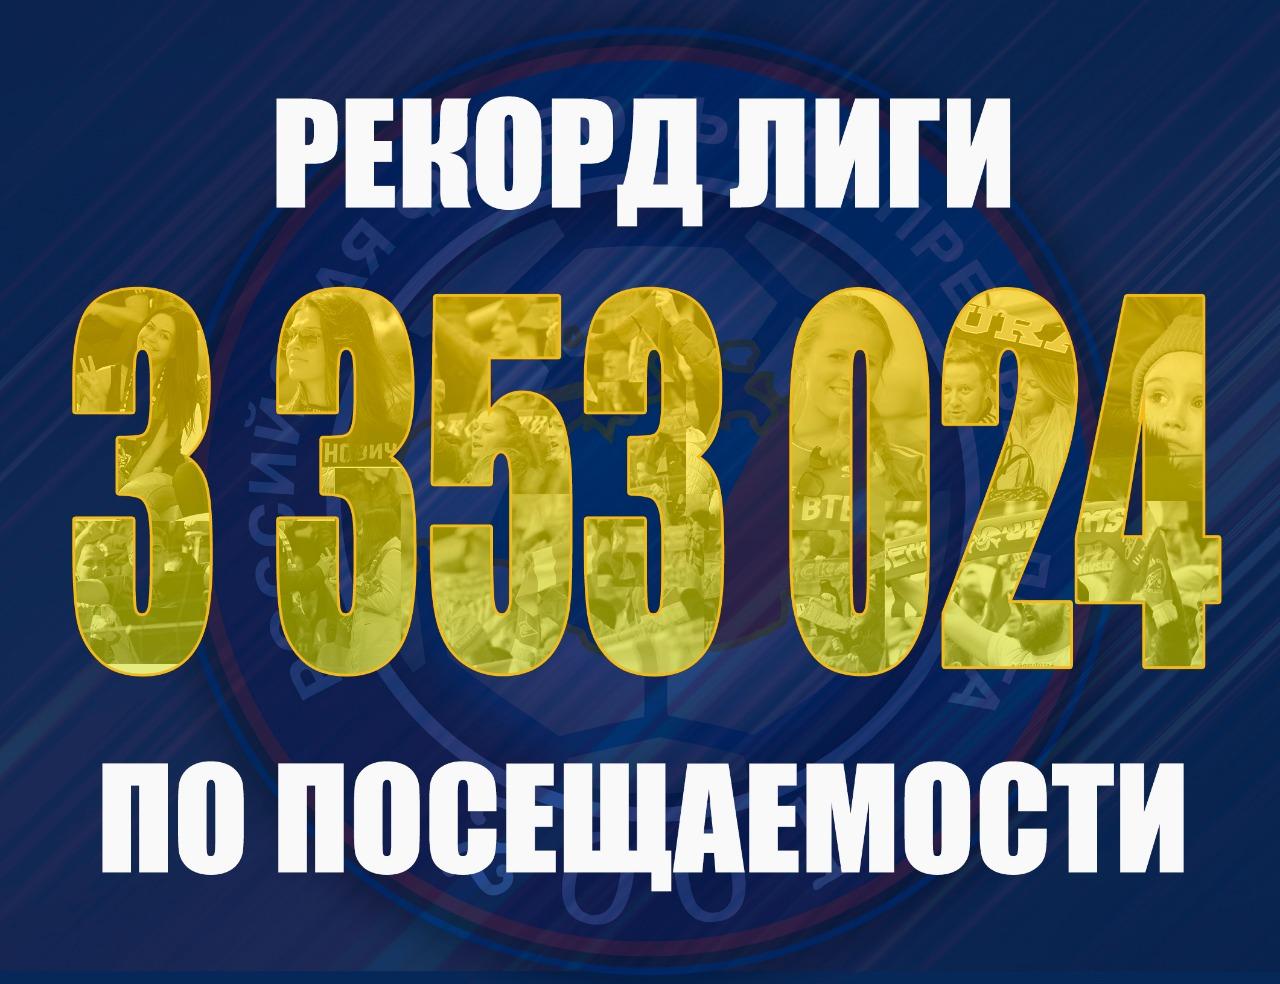 Посещаемость матчей Чемпионата сезона 2017/18 бьет рекорды